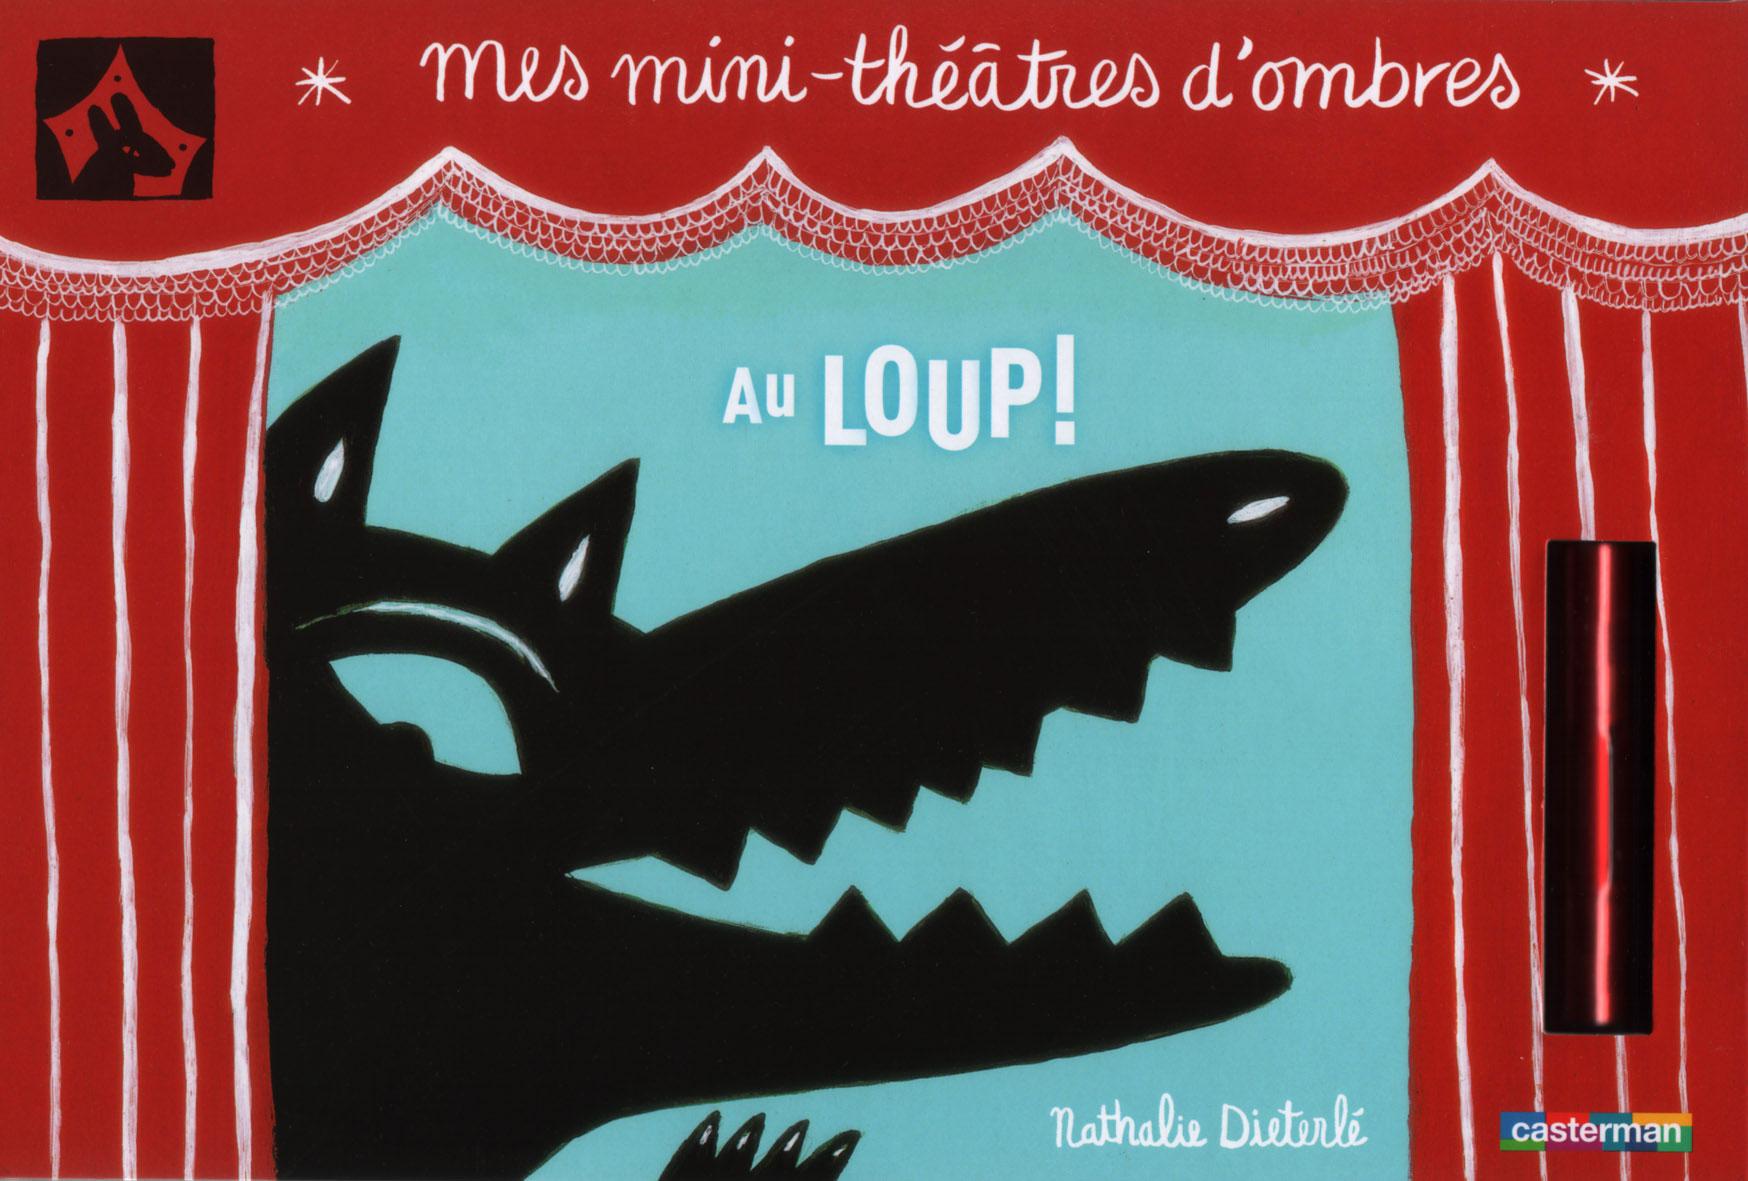 """""""Au loup """"est un des 2 titres de la collection """"Mes mini-théatre d'ombres"""" ,collection de livre théatre d'ombres pour tout petit, écrit, illustré et conçu par Nathalie Dieterlé et édité par Casterman."""